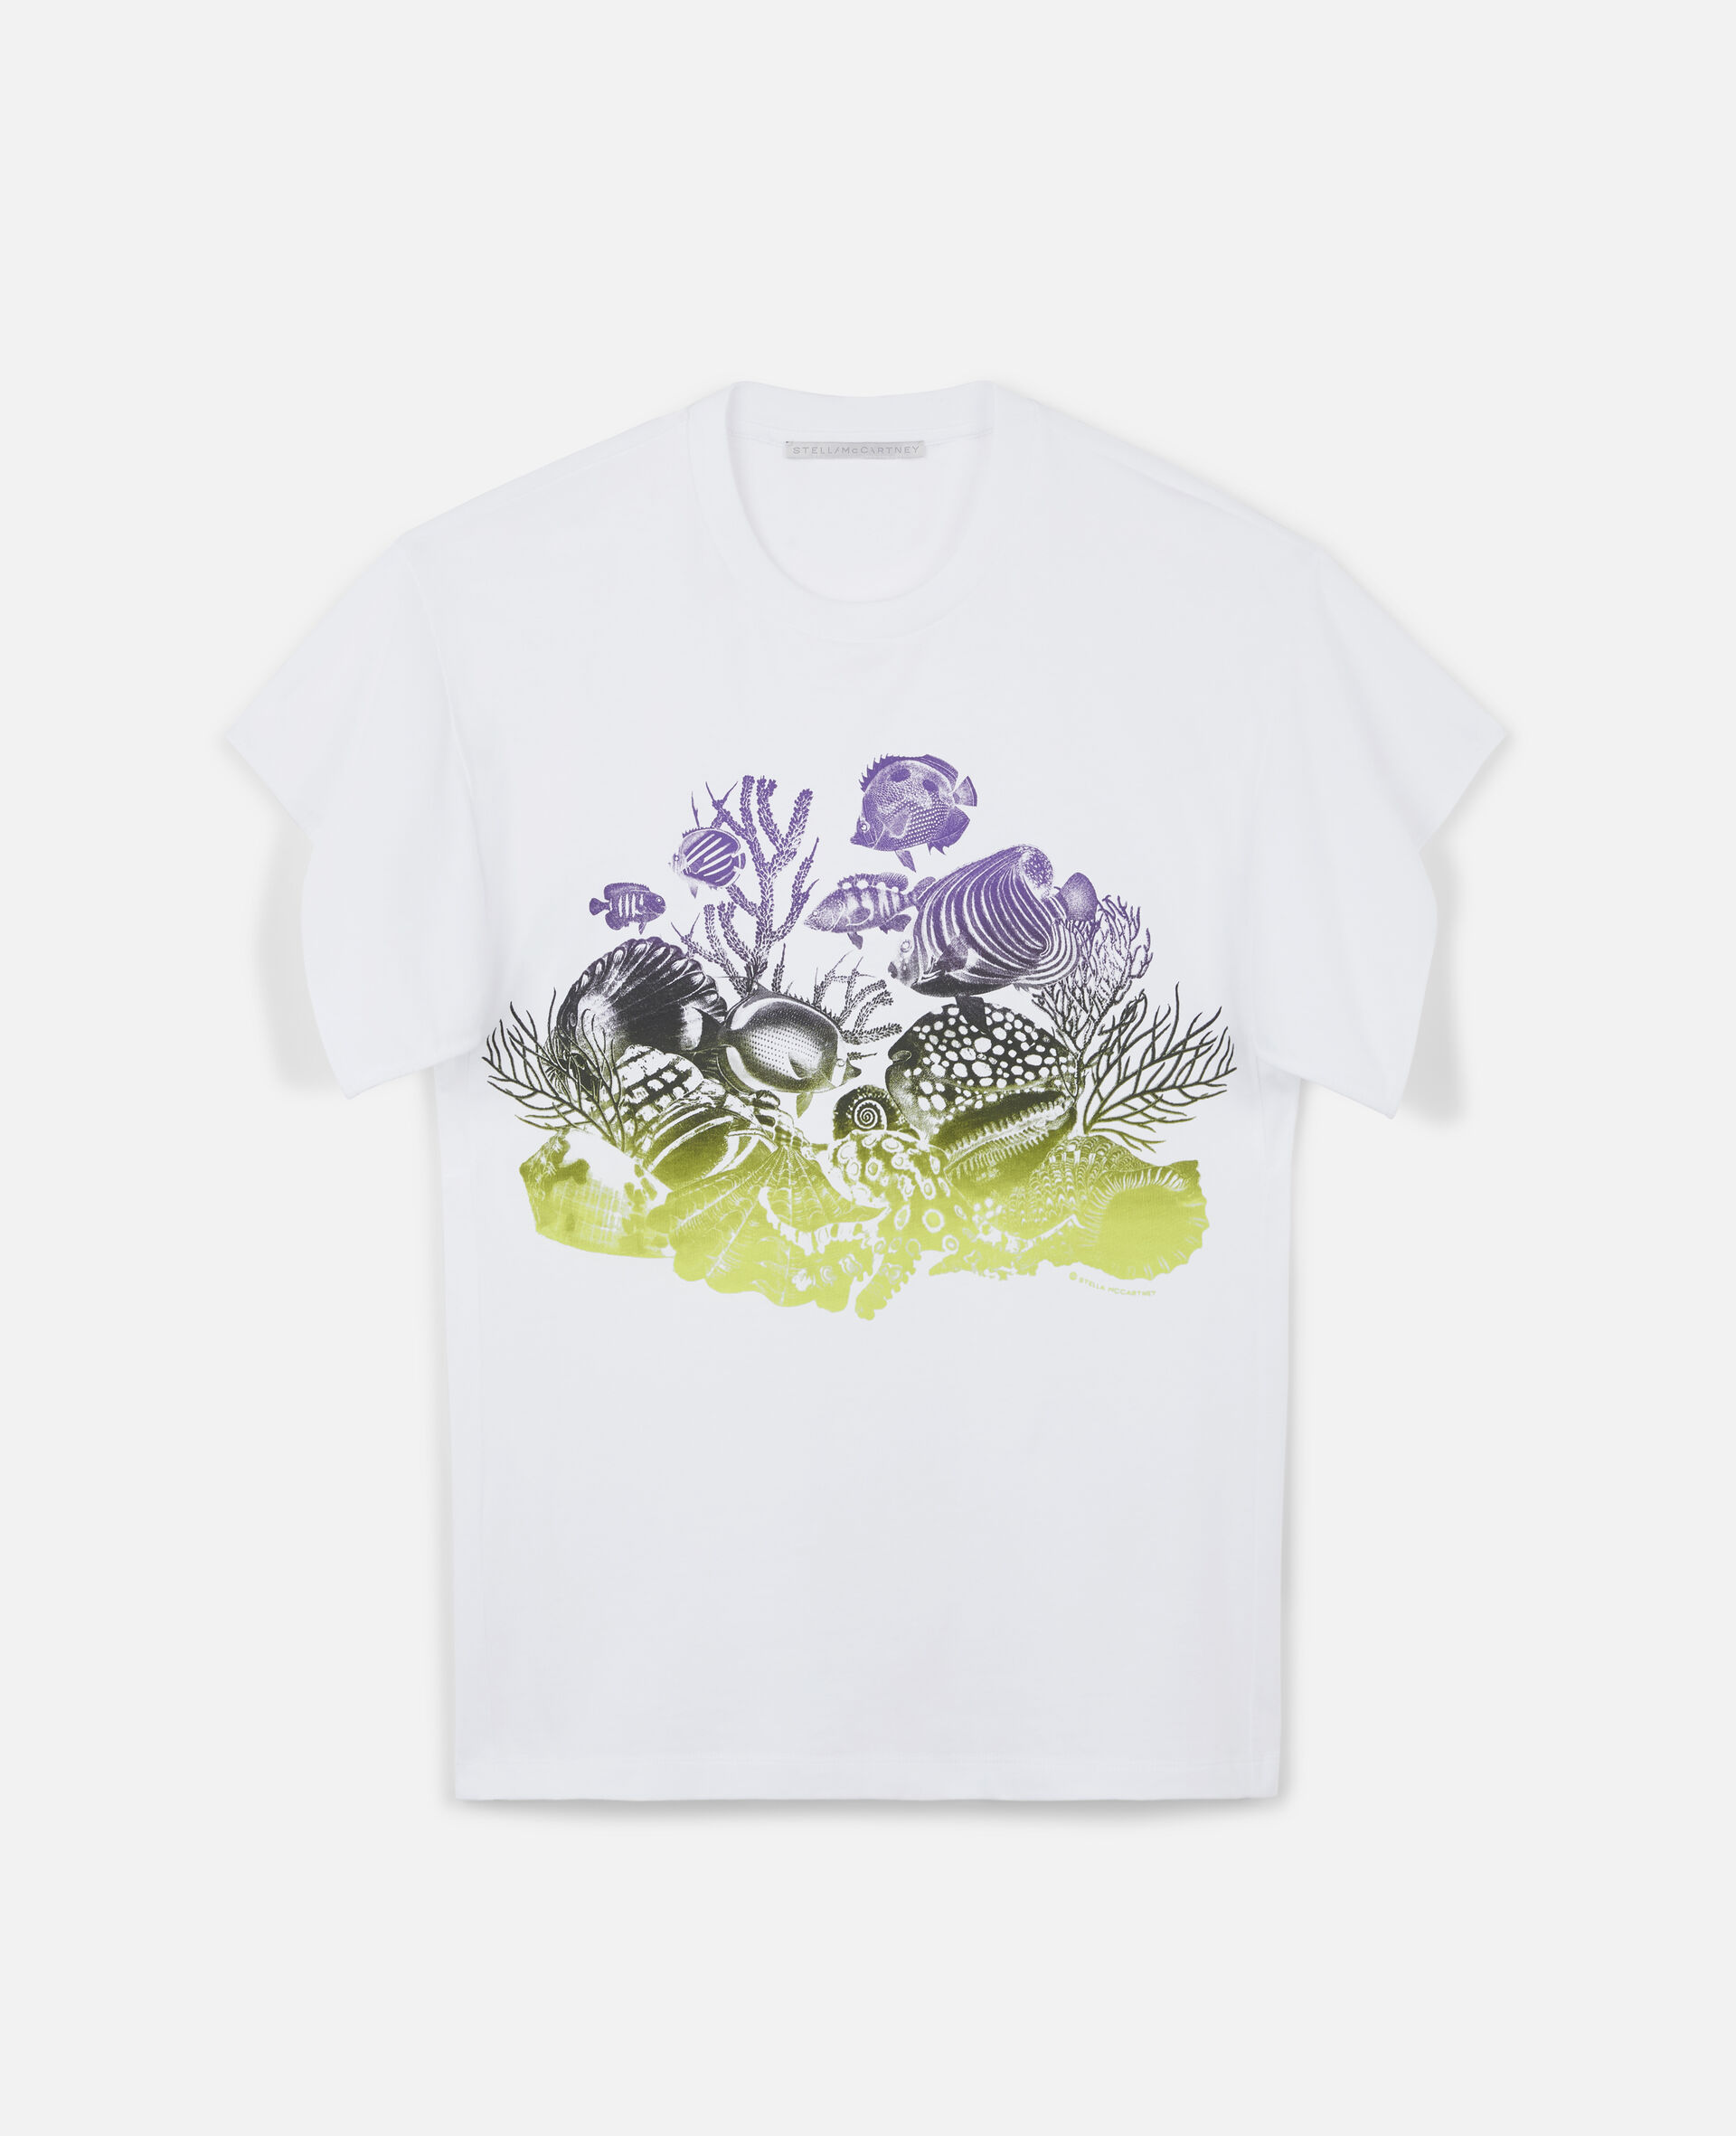 Sealife Print Cotton T-Shirt-White-large image number 0